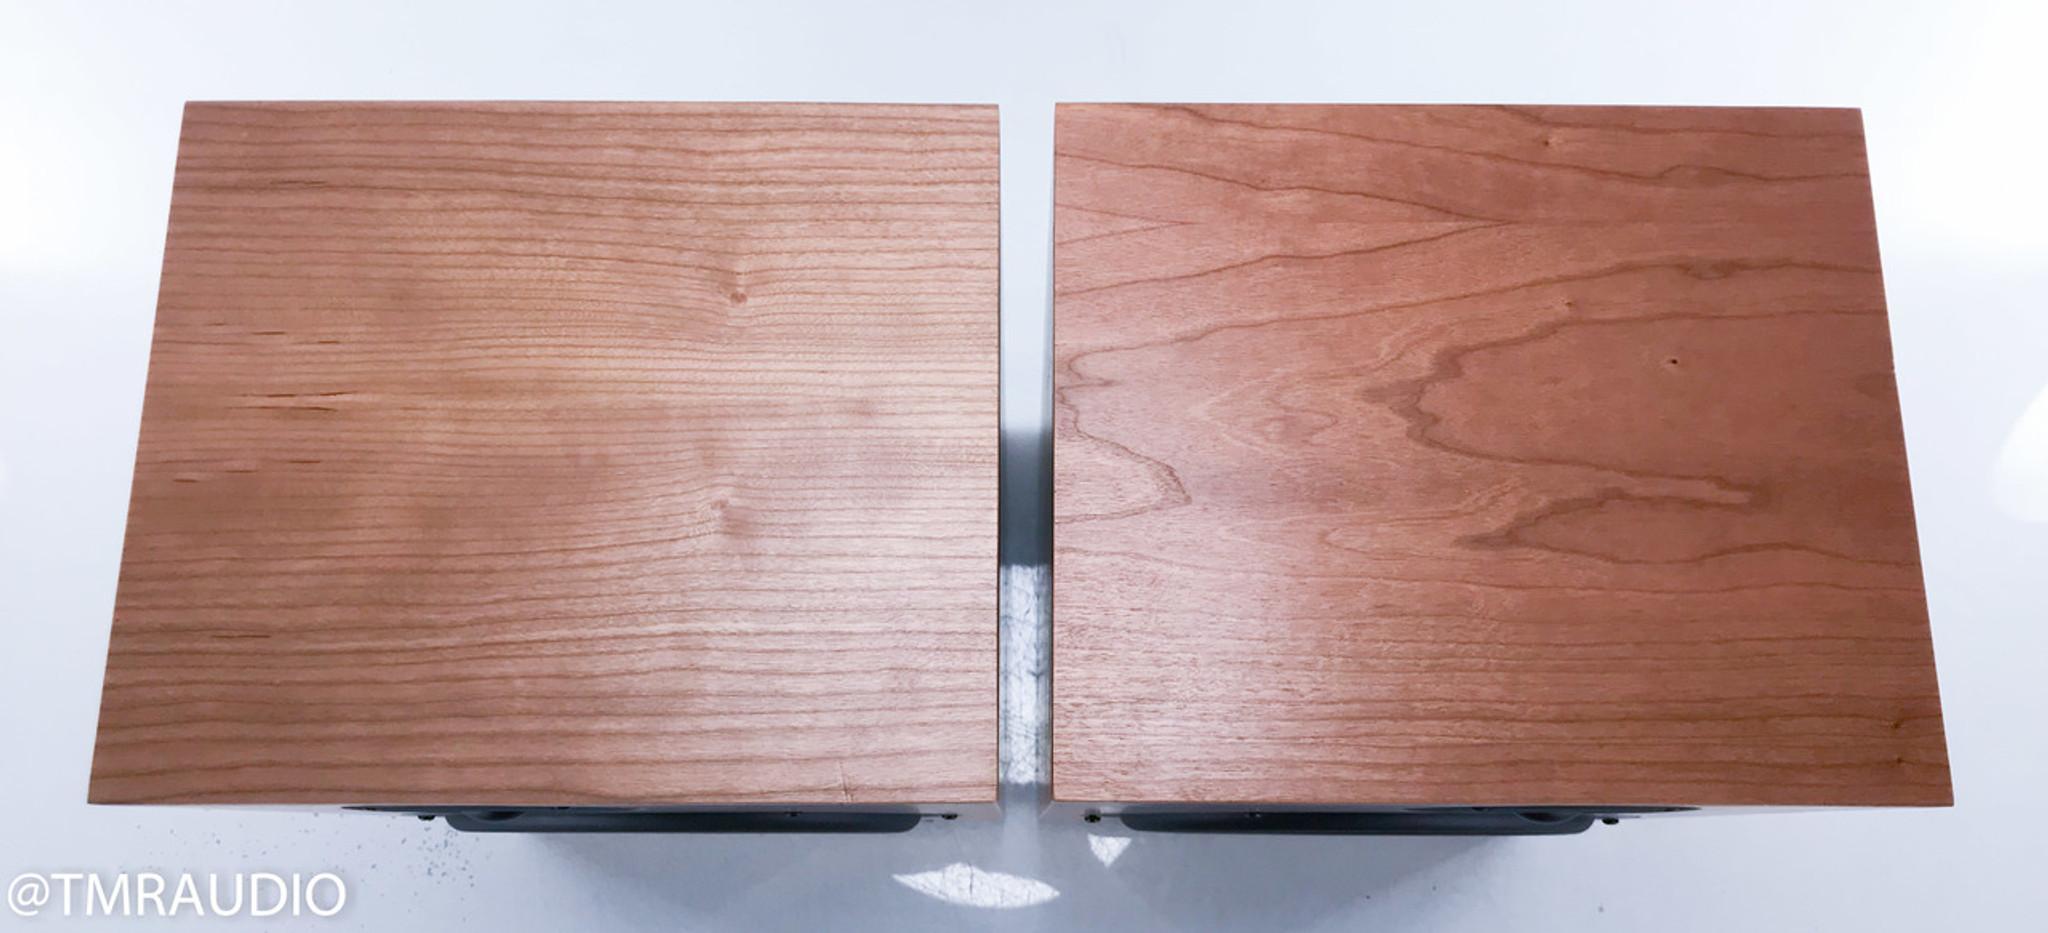 Madisound Seas A26 Bookshelf Speakers